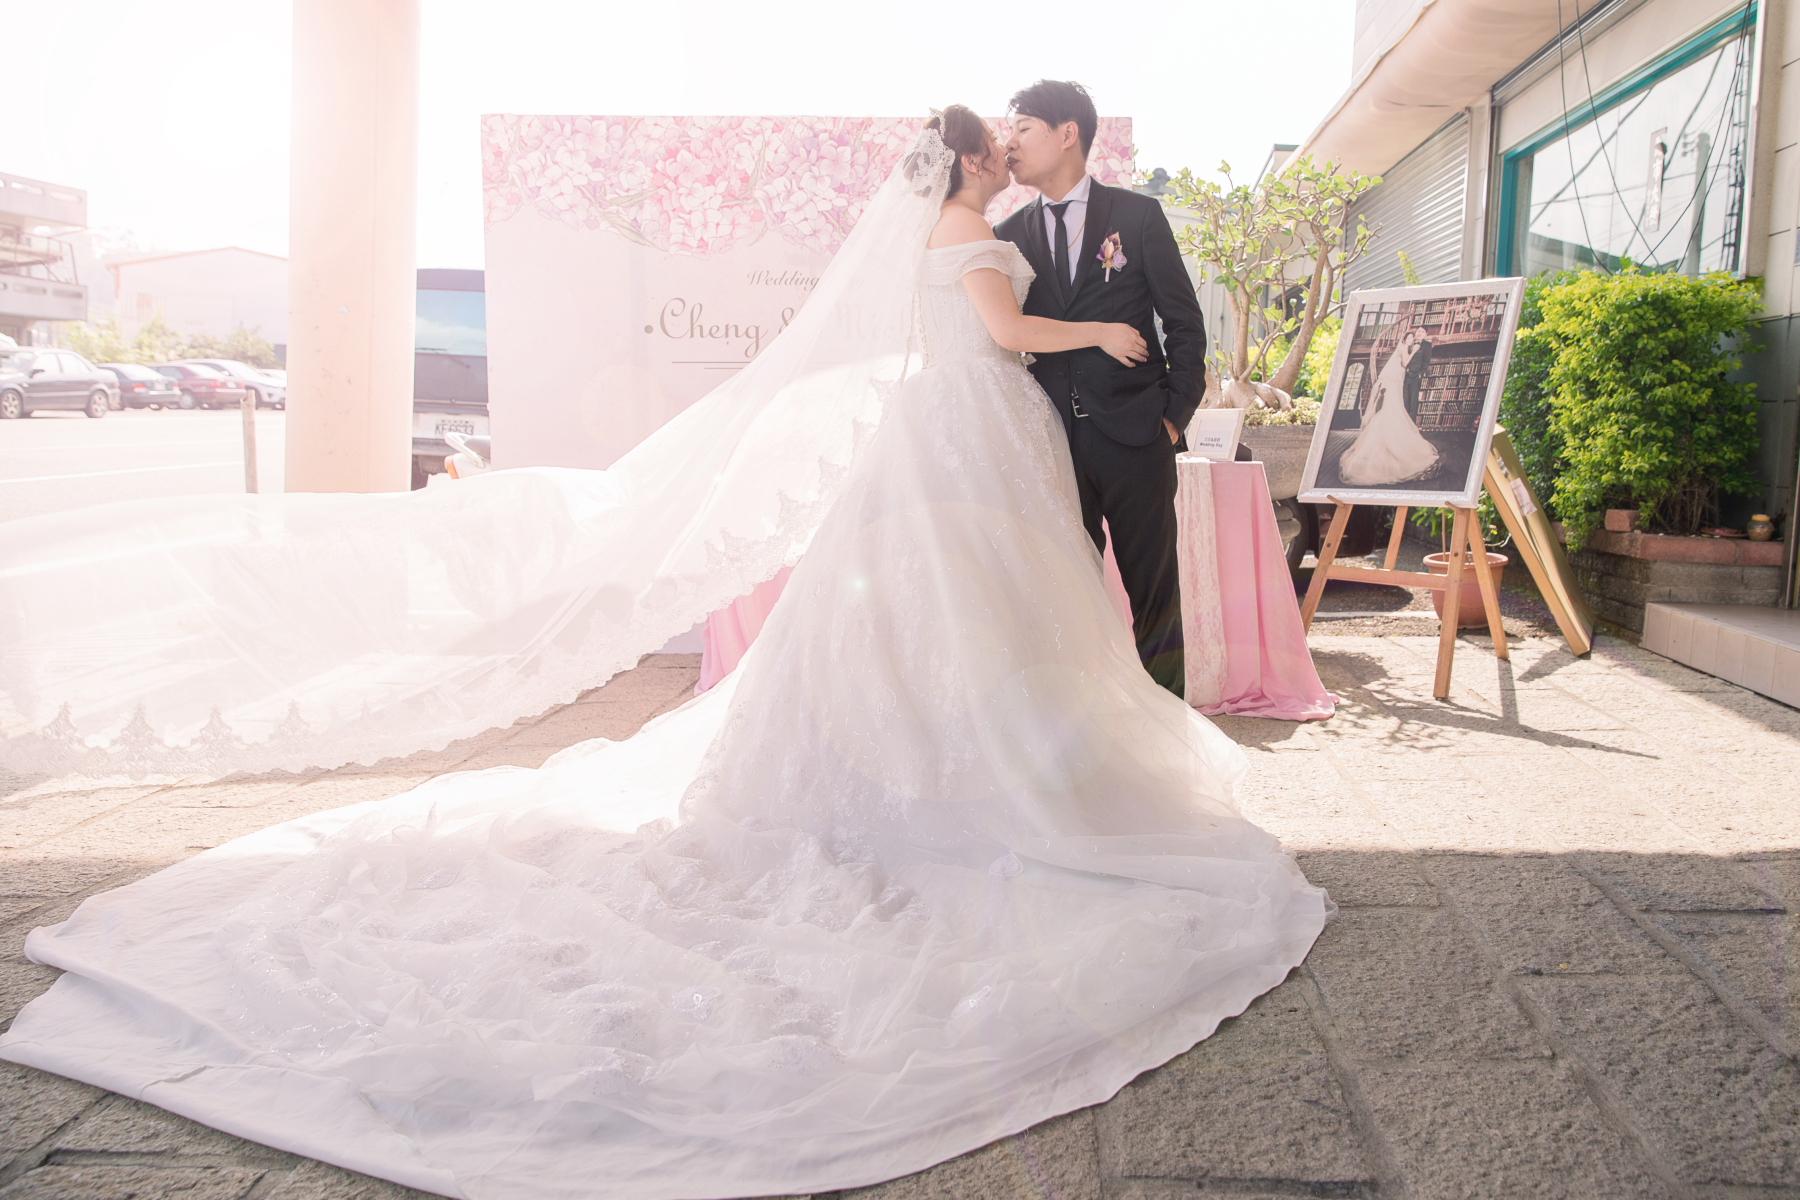 文政藝齡結婚265-1